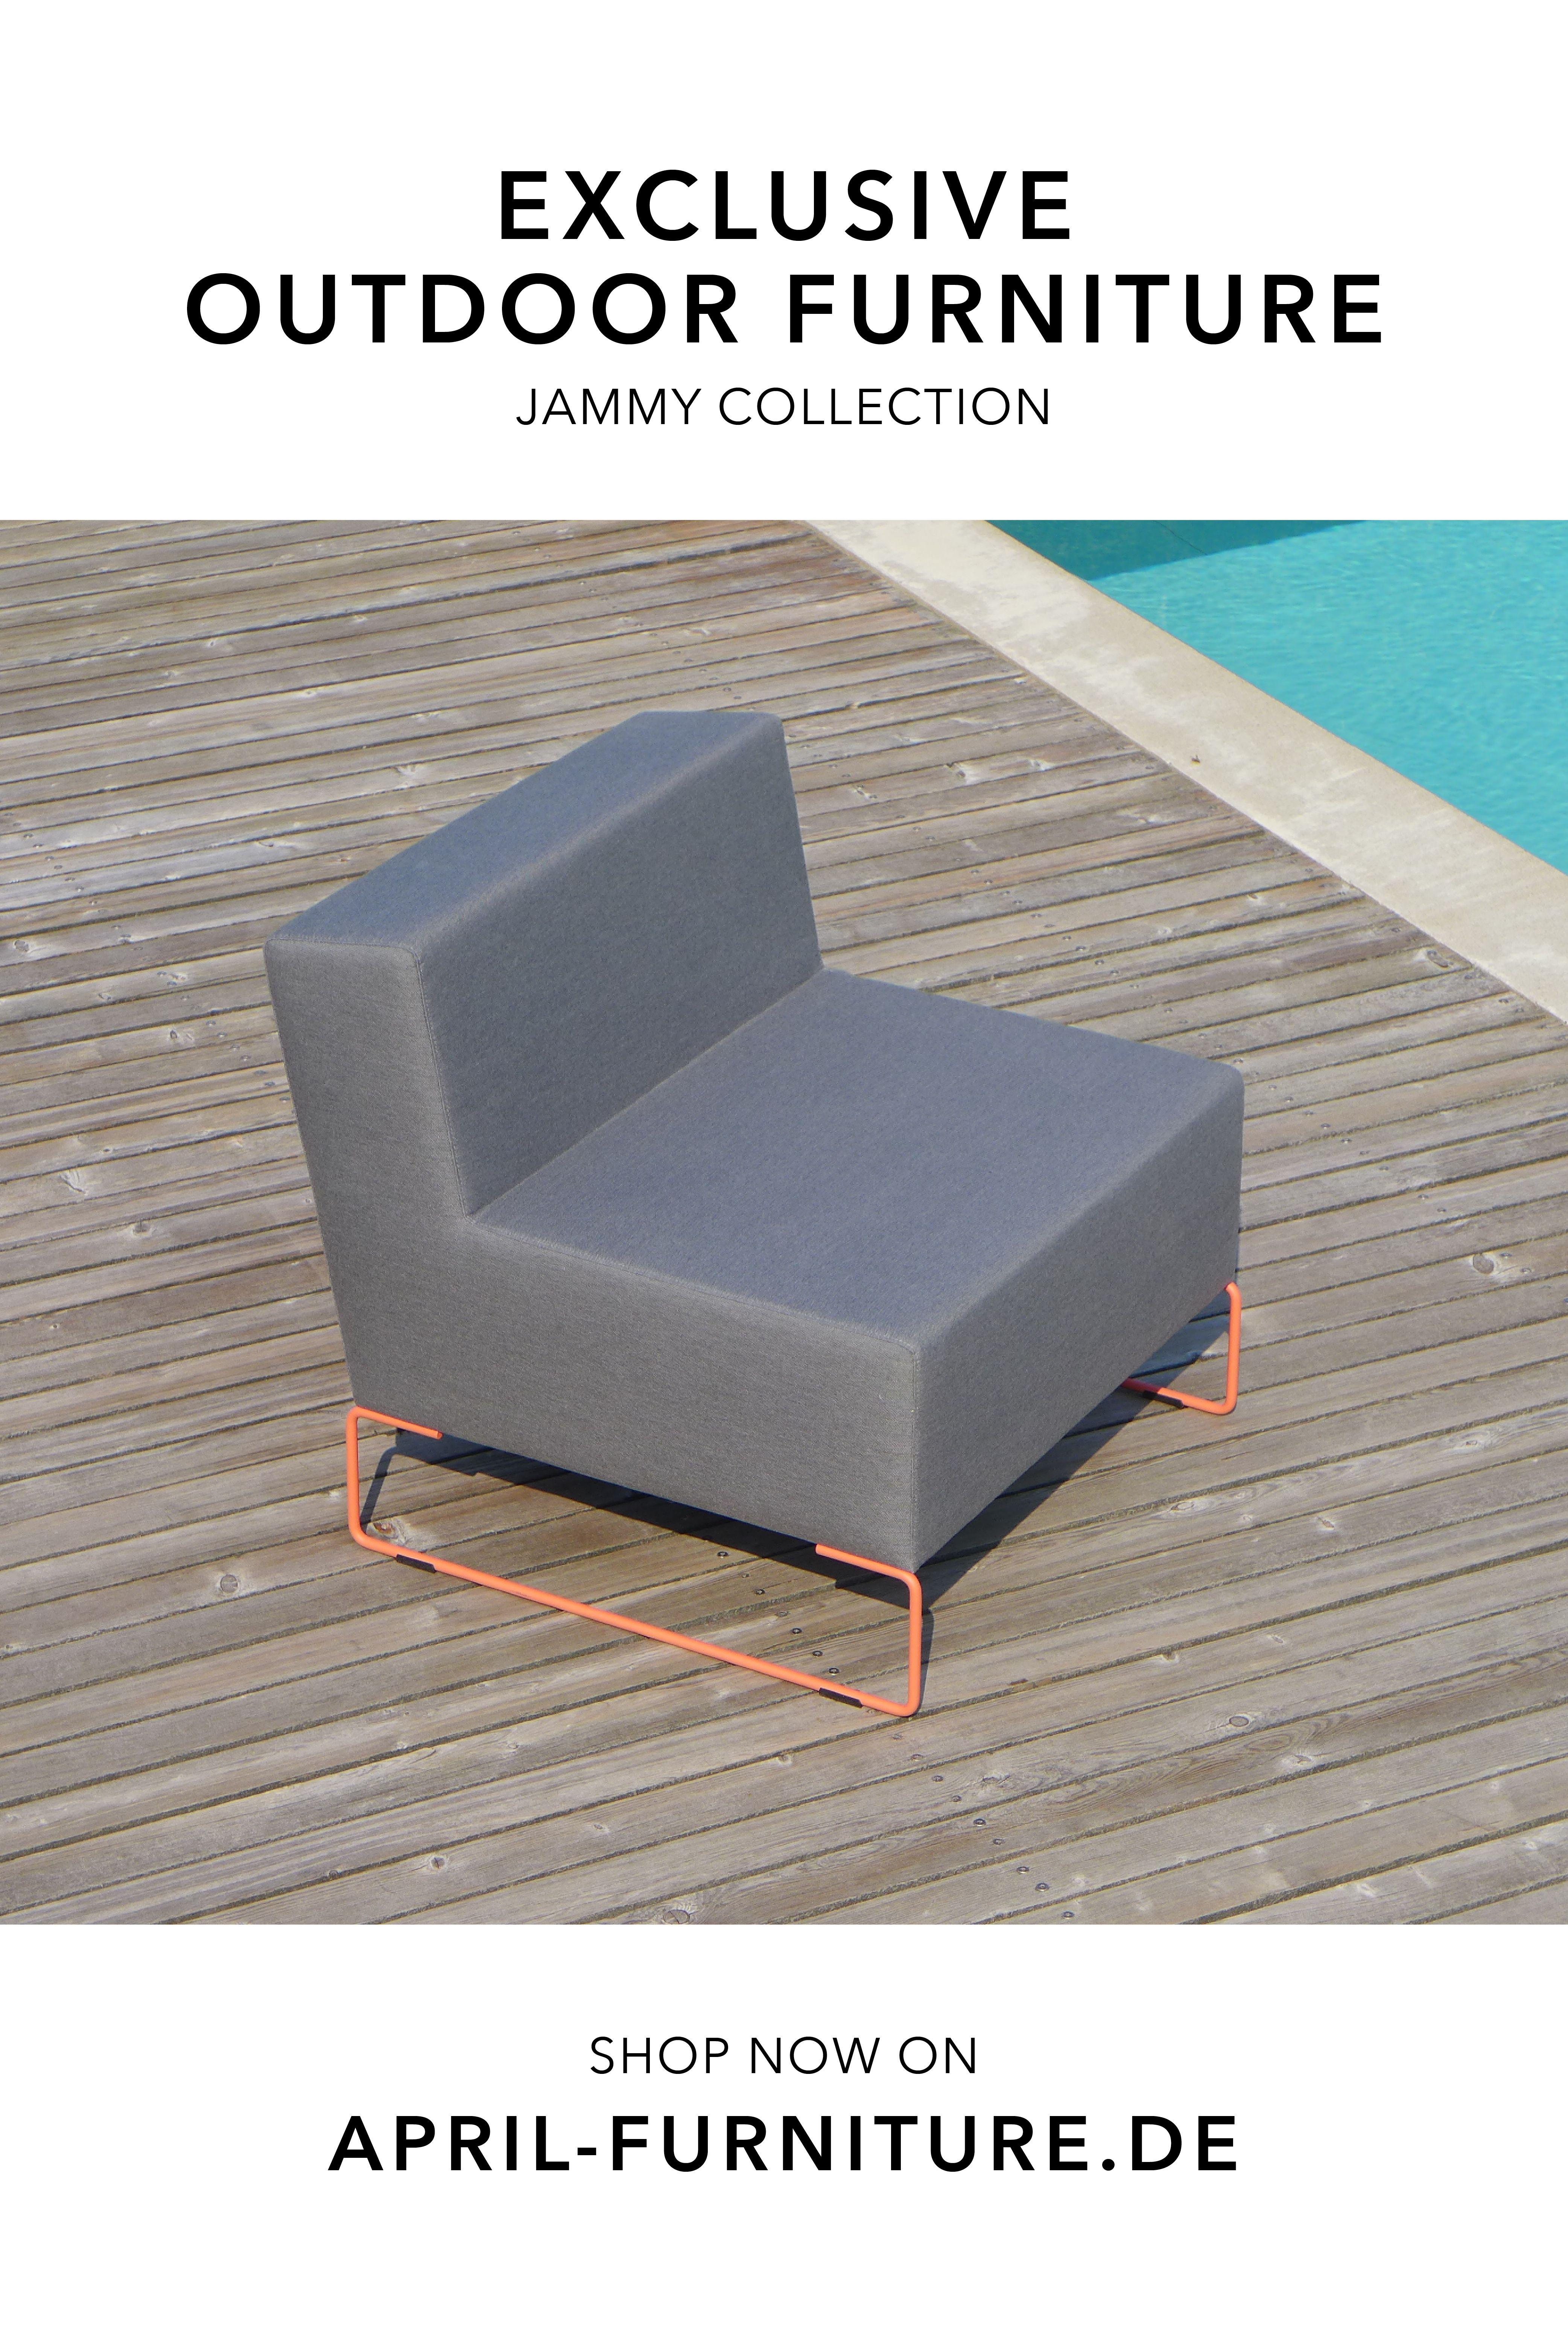 Exclusive Outdoor Furniture Collection Jammy Aussenmobel Gartenmobel Sets Lounge Gartenmobel